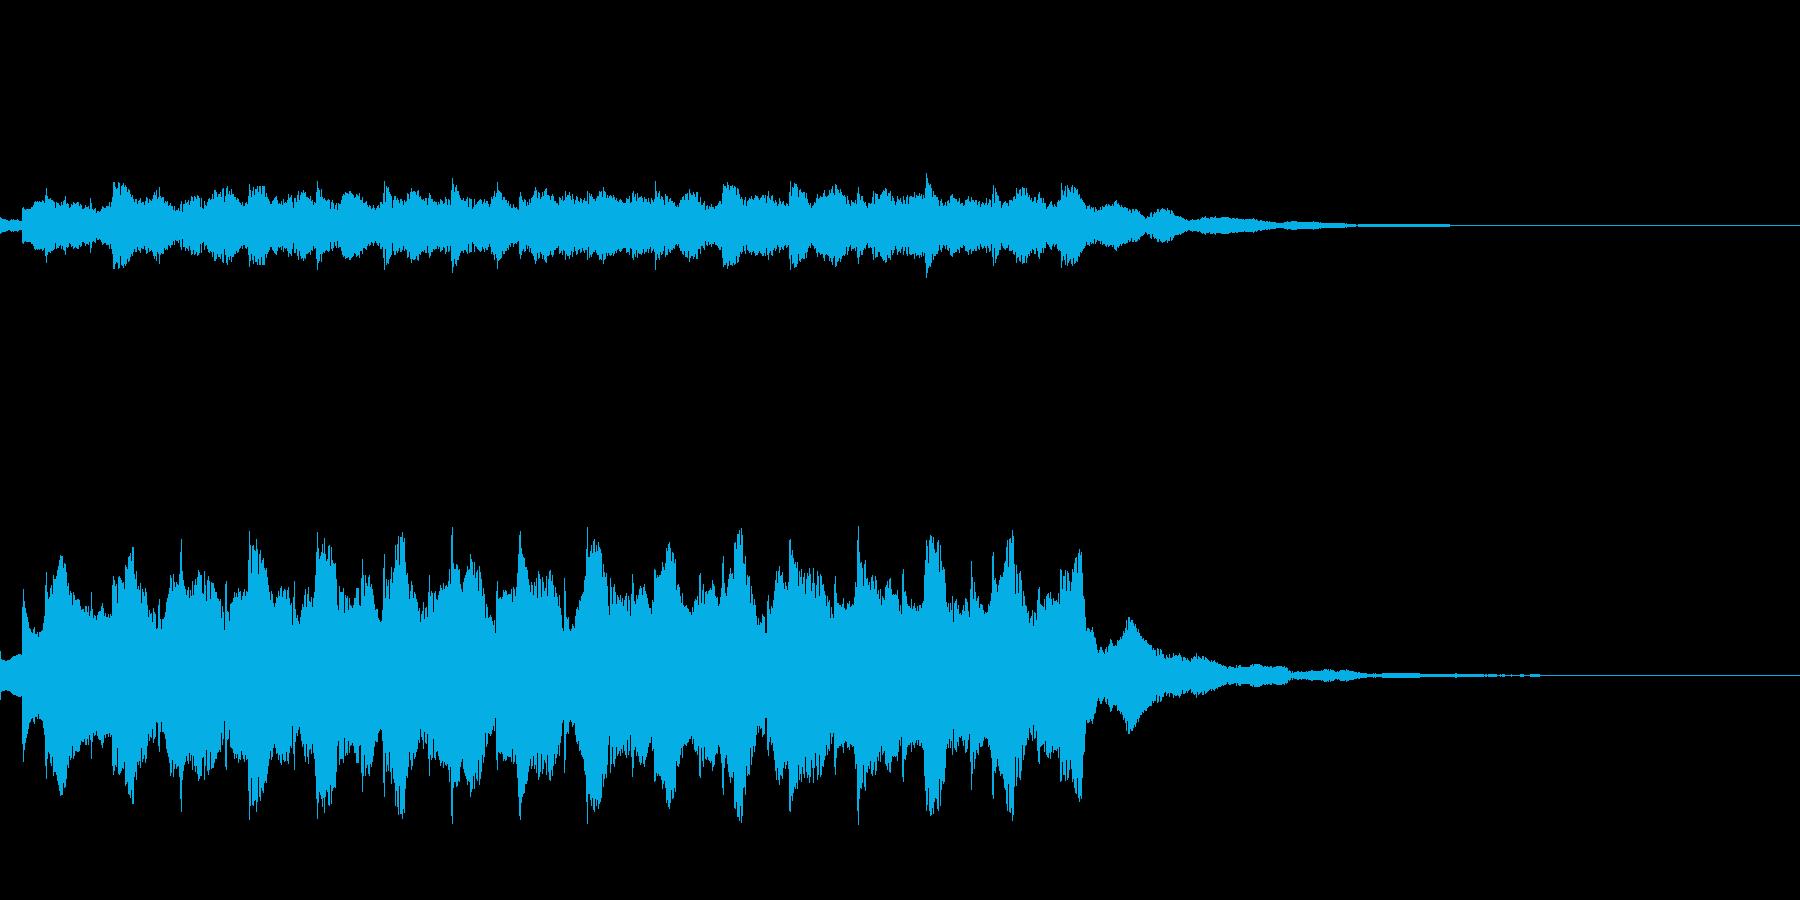 宇宙旅行に行く際の音楽の再生済みの波形